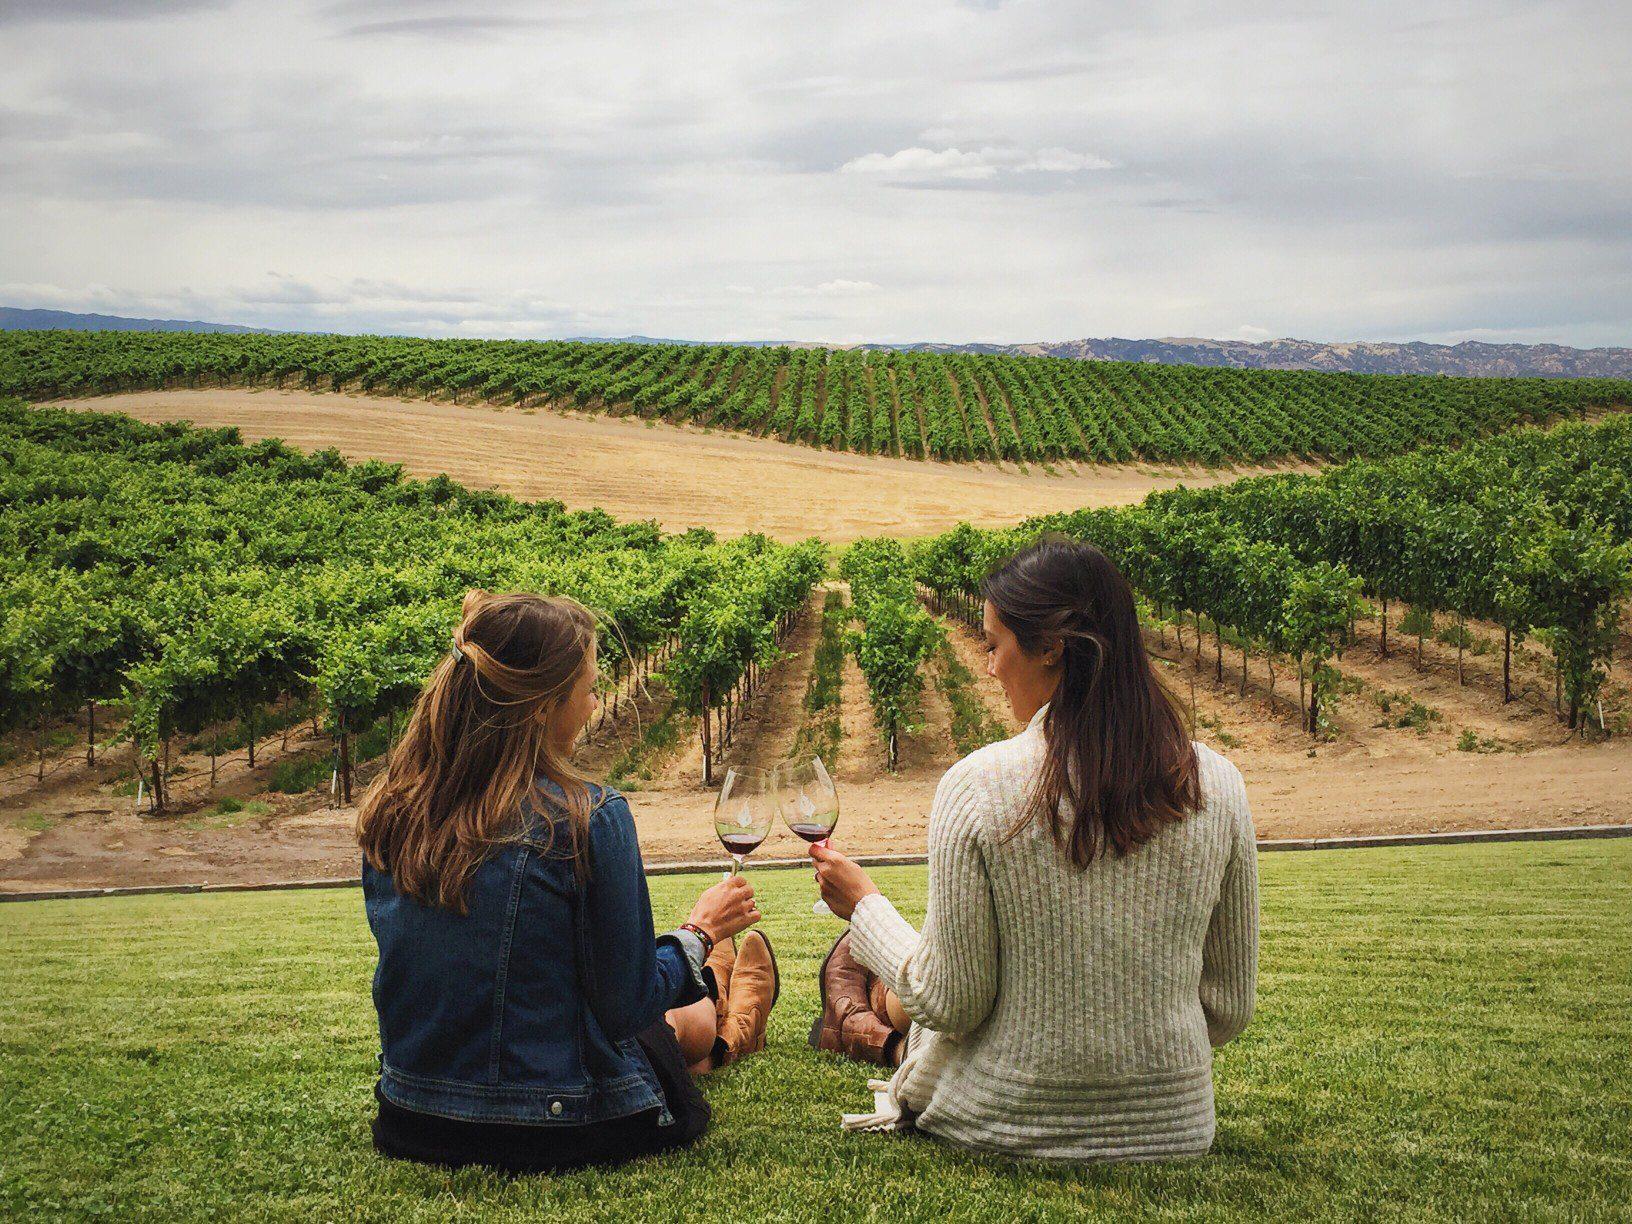 california-wine-tastin_t20_b8kRnV